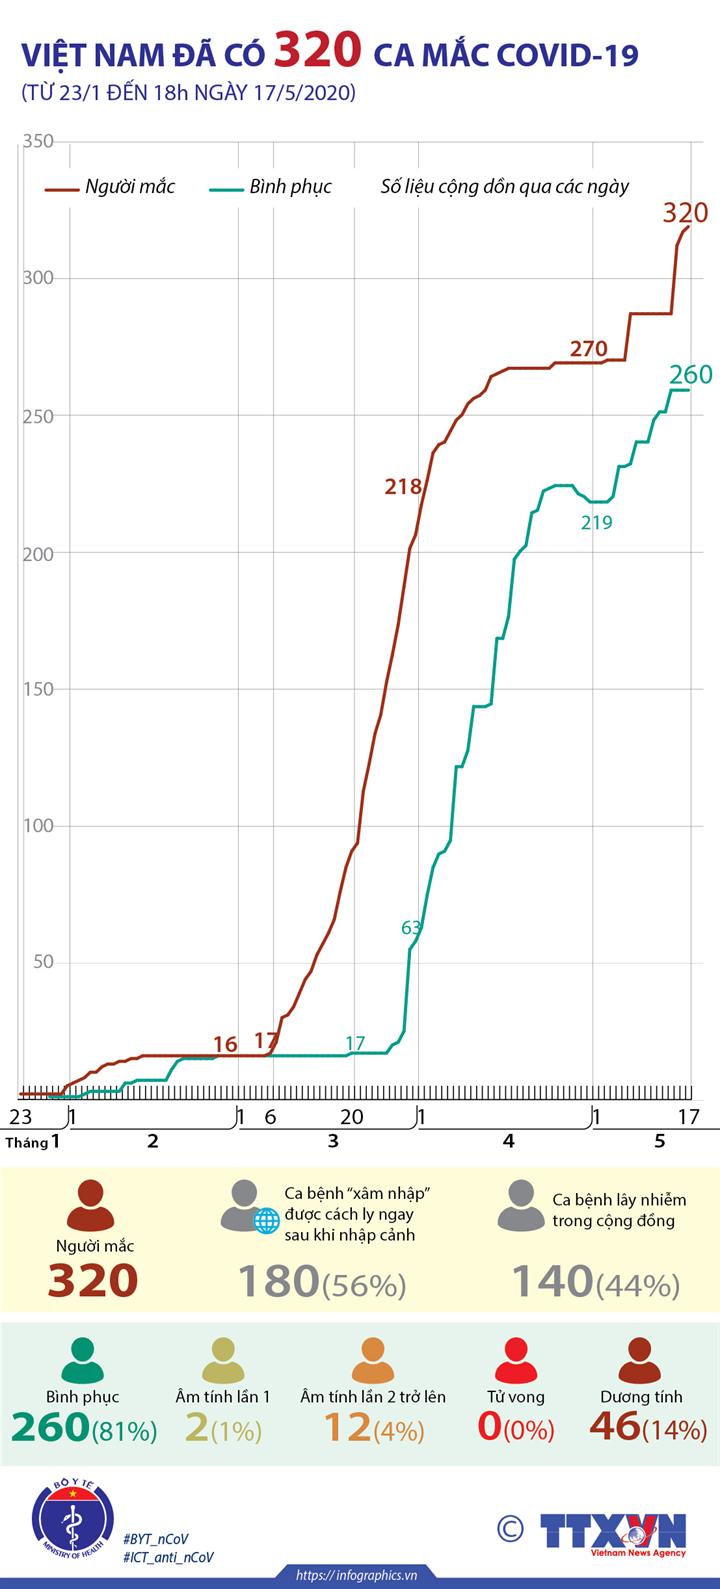 Việt Nam đã có 320 ca mắc COVID-19 (từ 23/1 đến 18h ngày 17/5/2020)